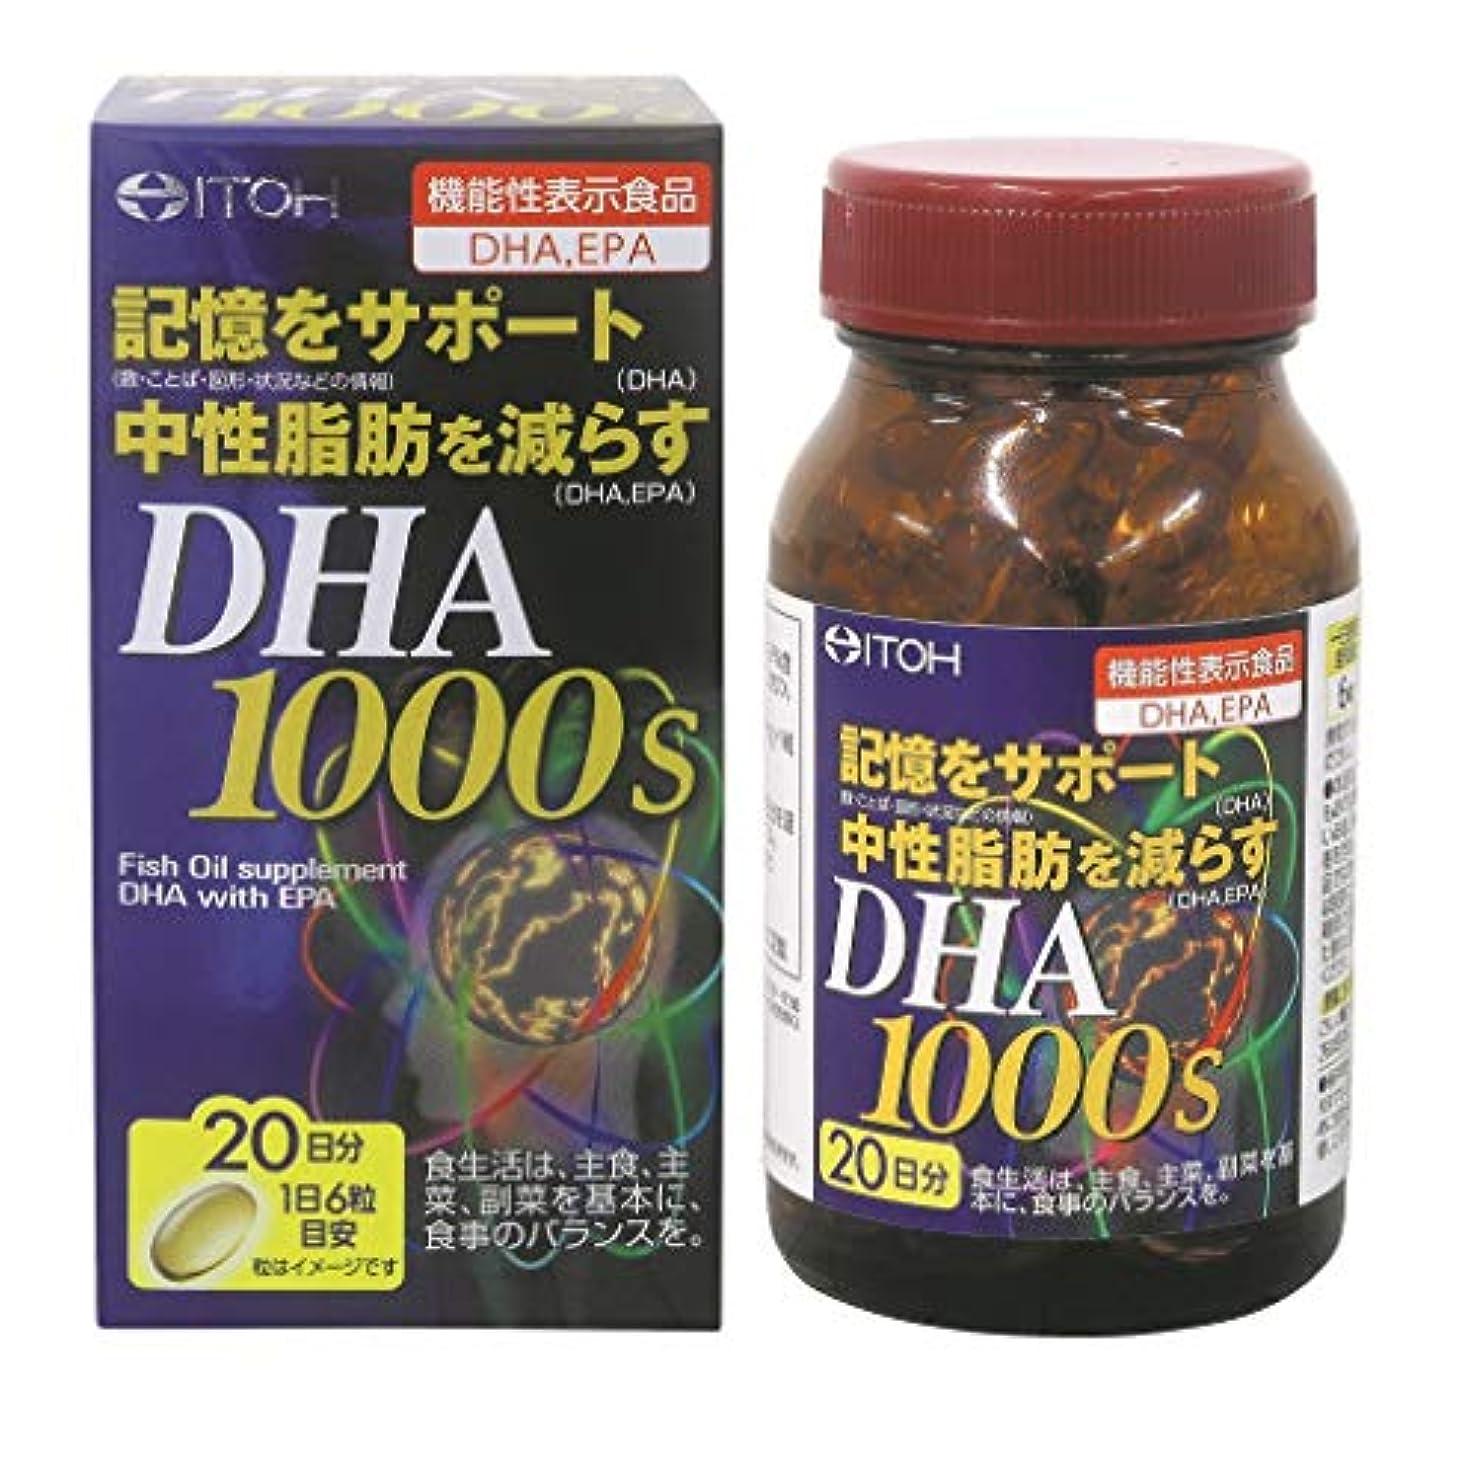 フィットネスストリップ大腿井藤漢方製薬 DHA1000 (ディーエイチエー) 約20日分 120粒